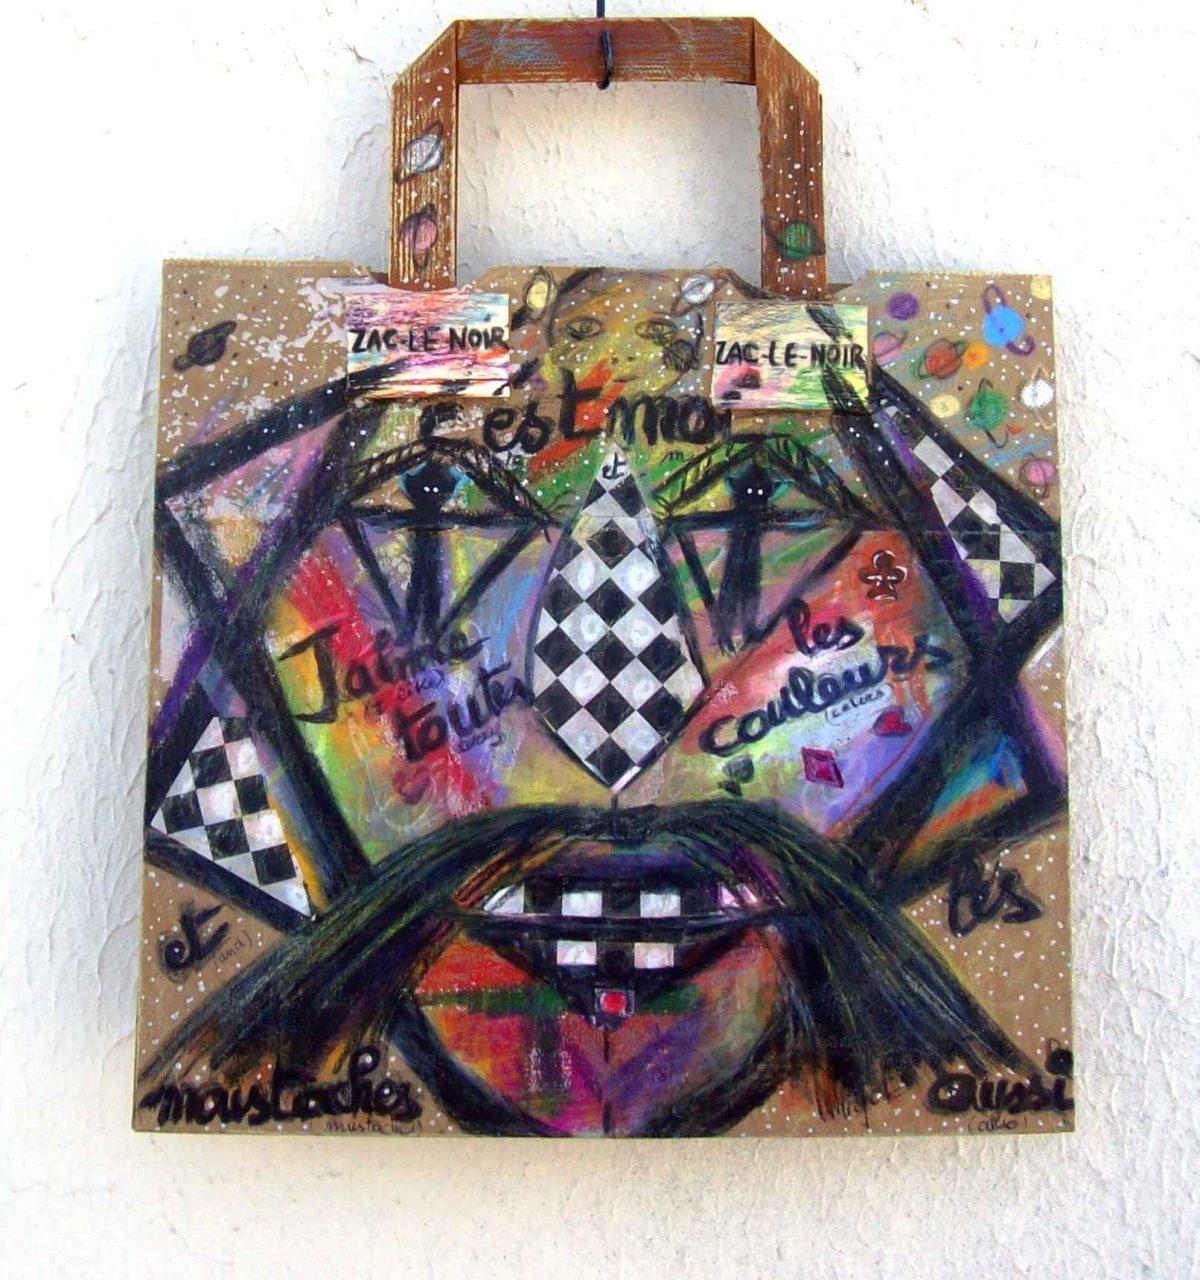 Zac le Noir... aime toutes les couleurs / likes any color par Vinca Migot